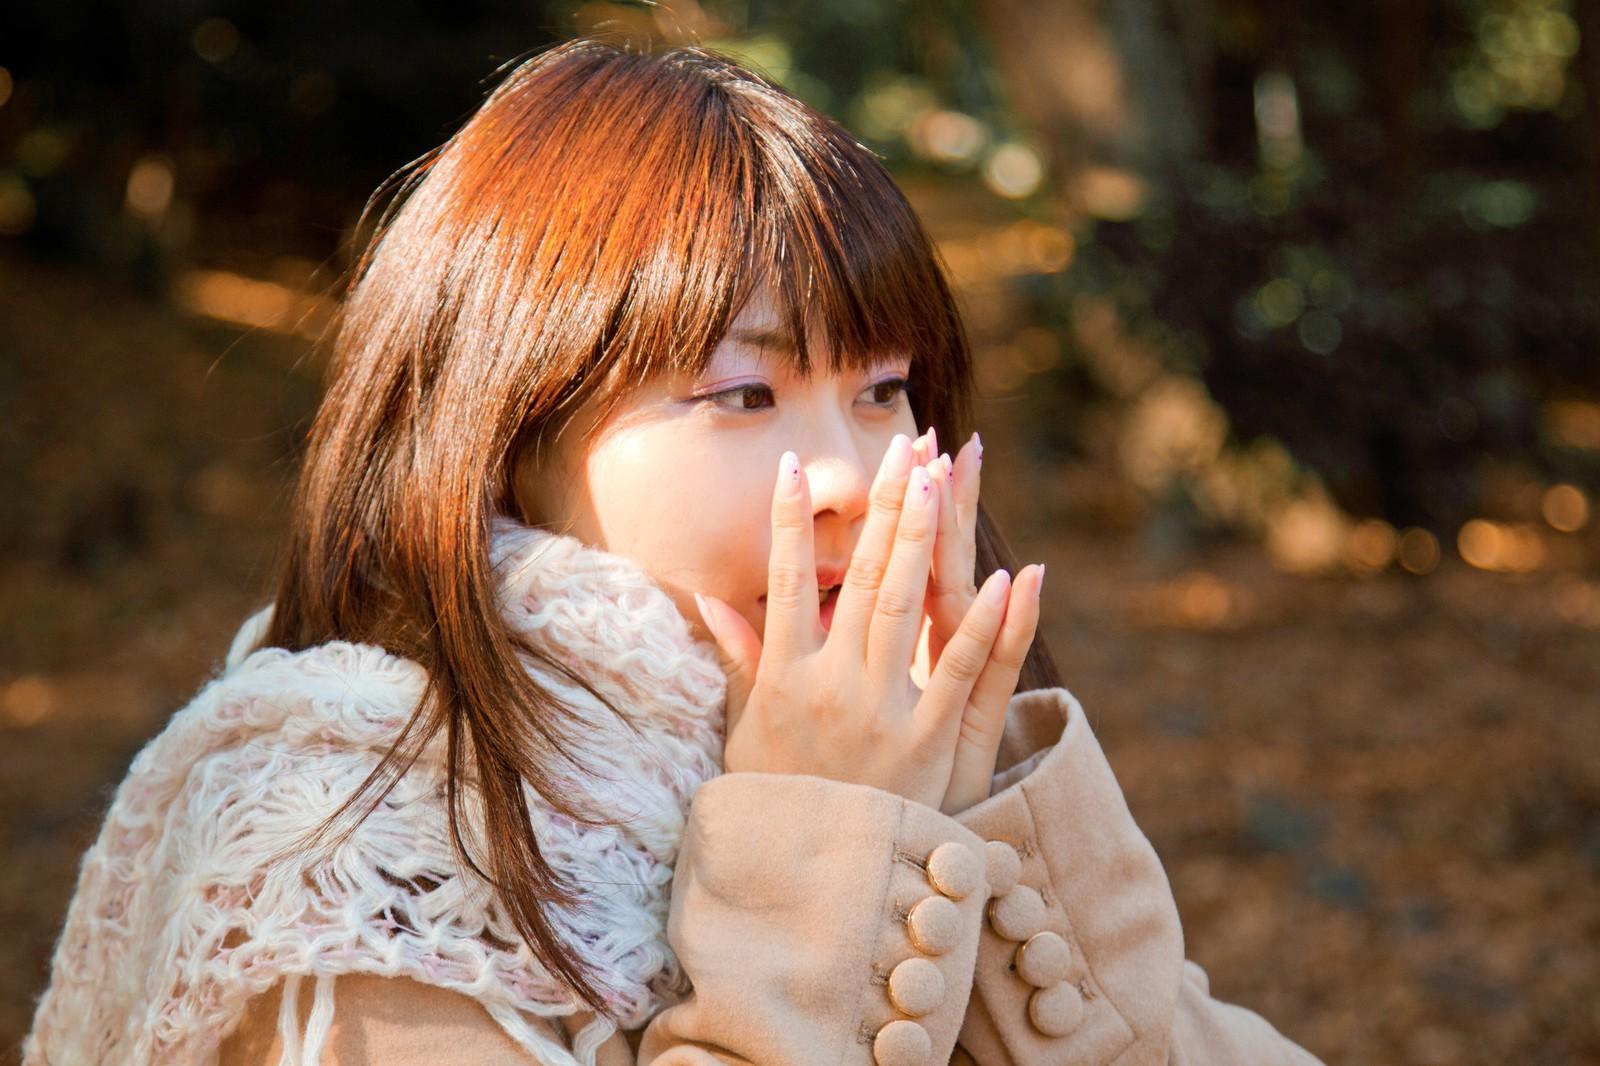 温活でうつ病を治す!~不安やイライラ、やる気が出ないのは冷えてるからだ!~